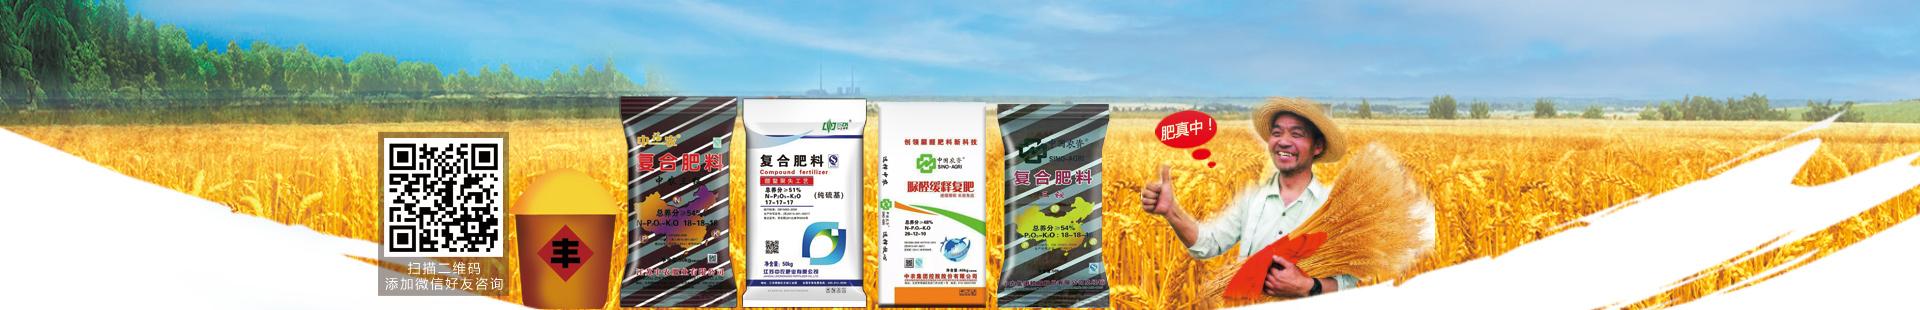 中农集团化肥股份有限公司